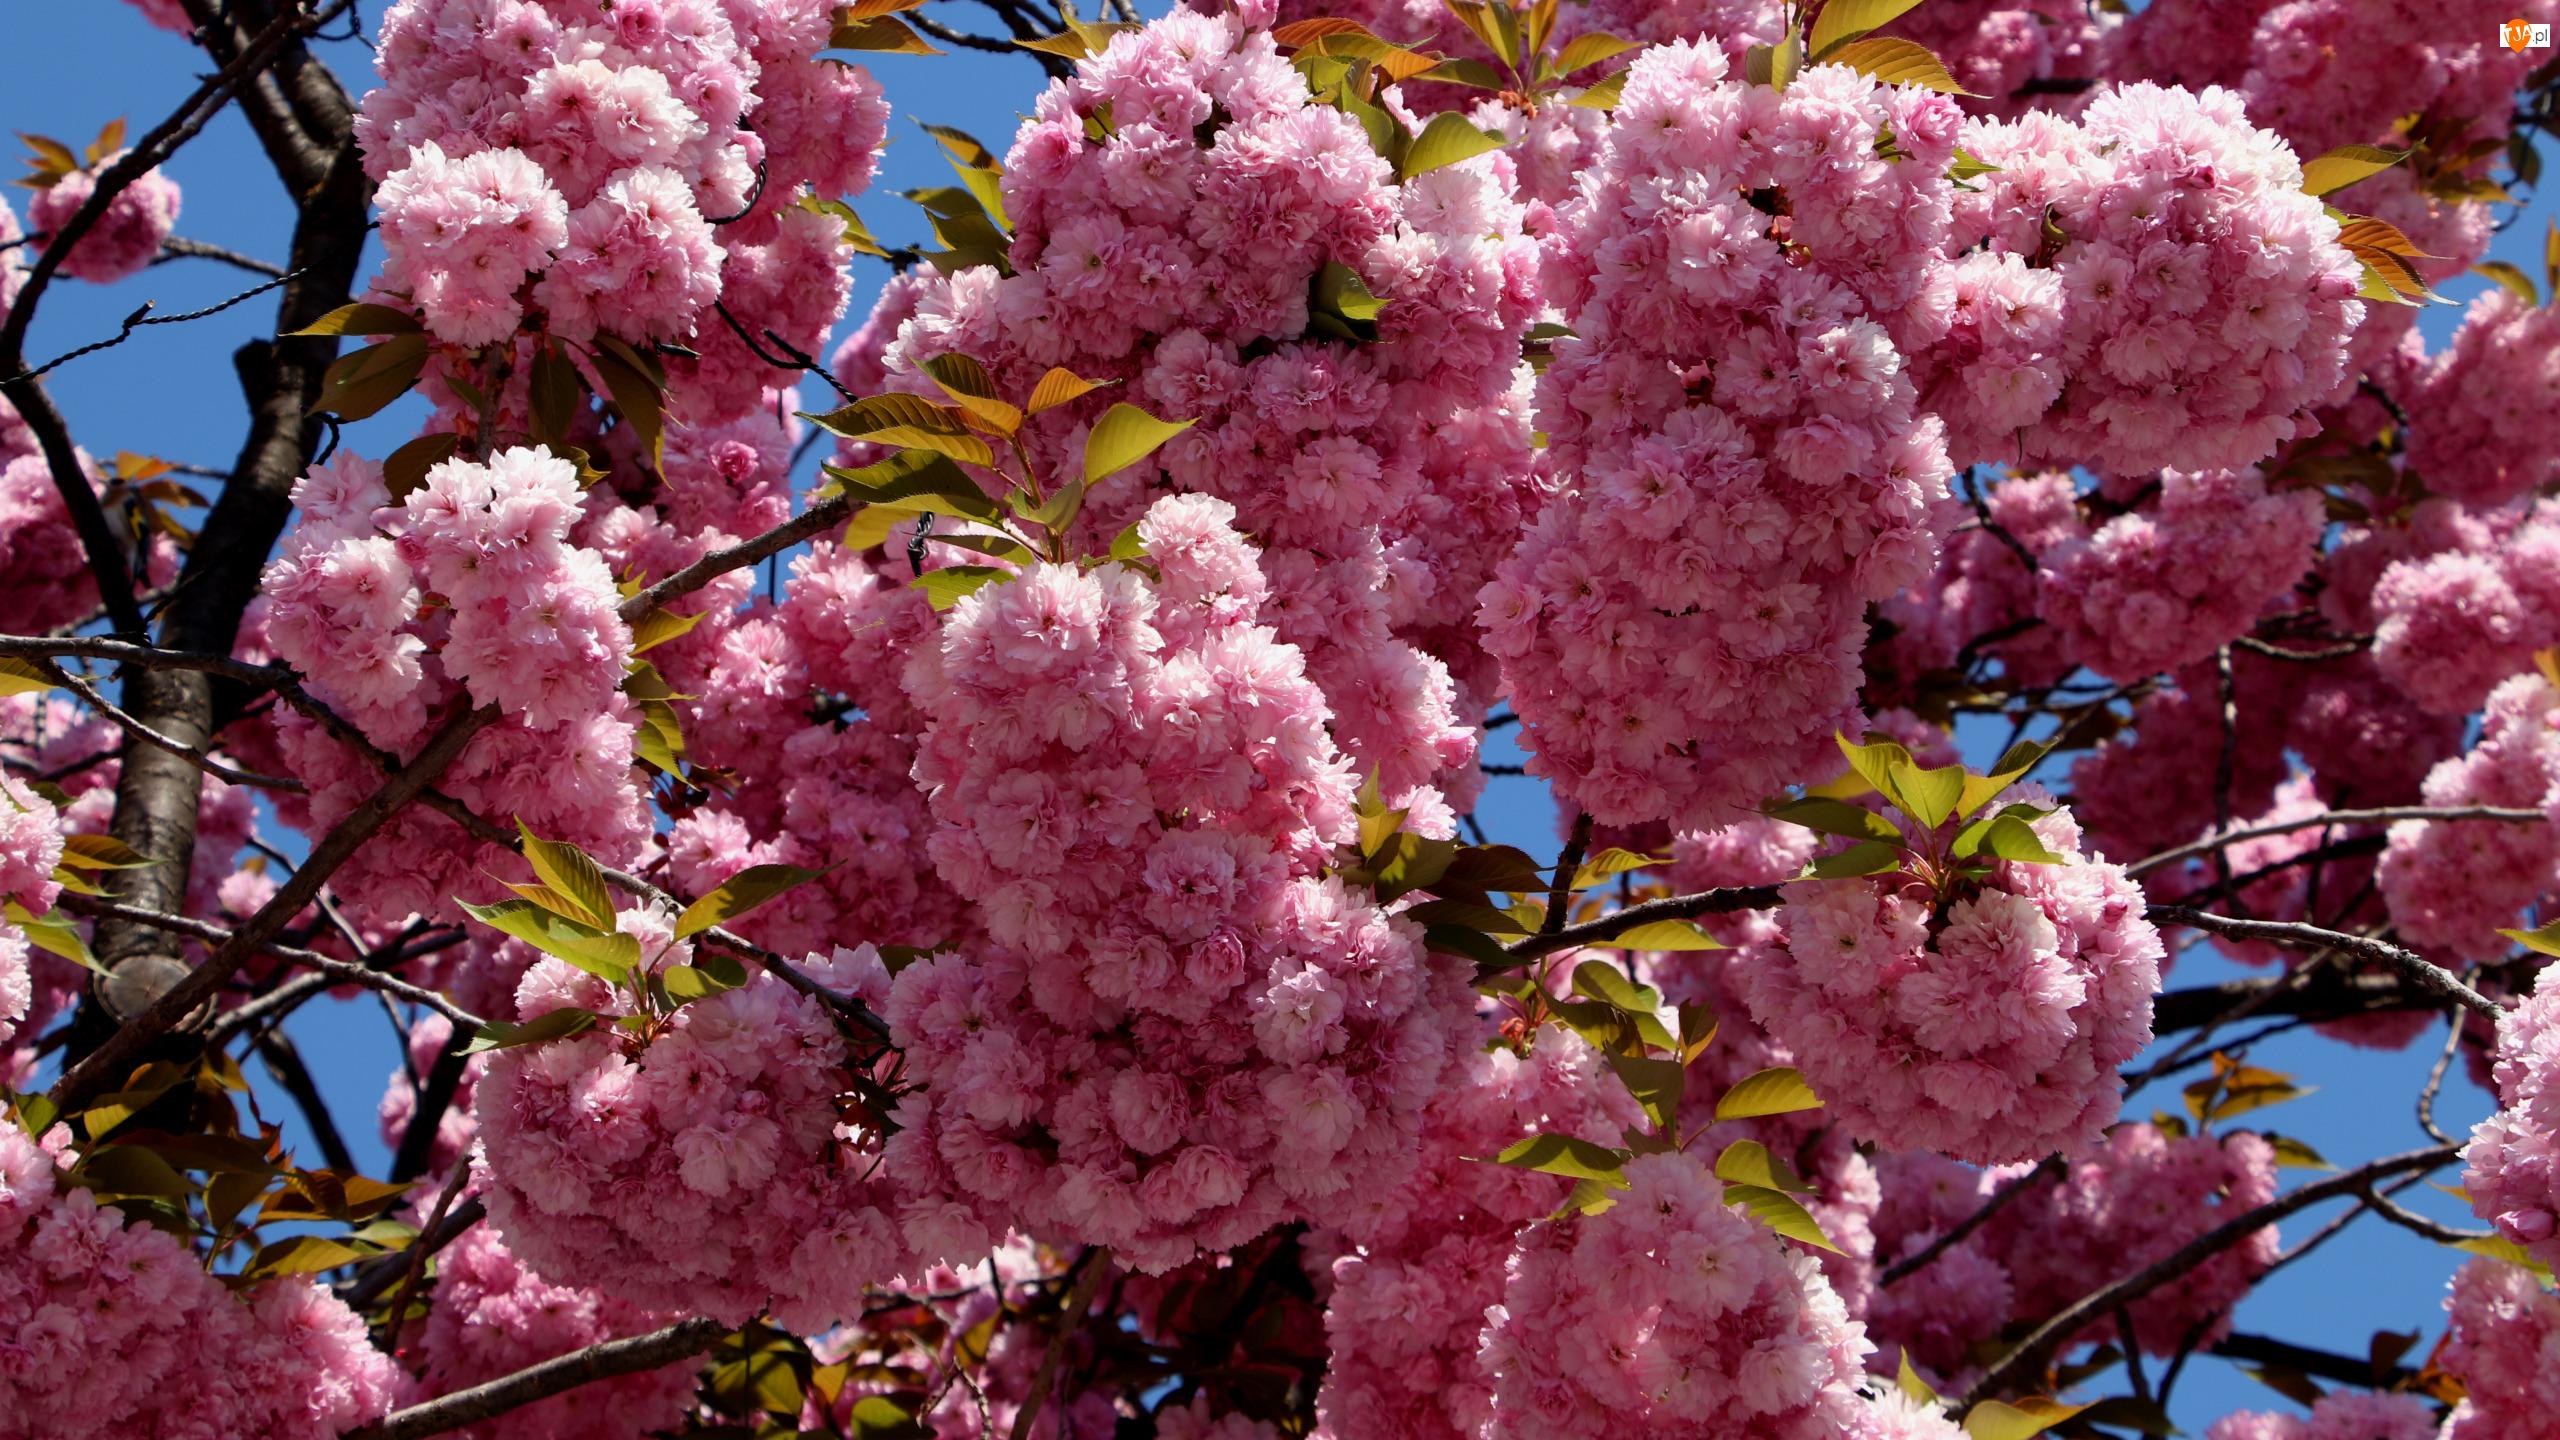 Wiśnia japońska, Kwiaty, Drzewo owocowe, Gałązki